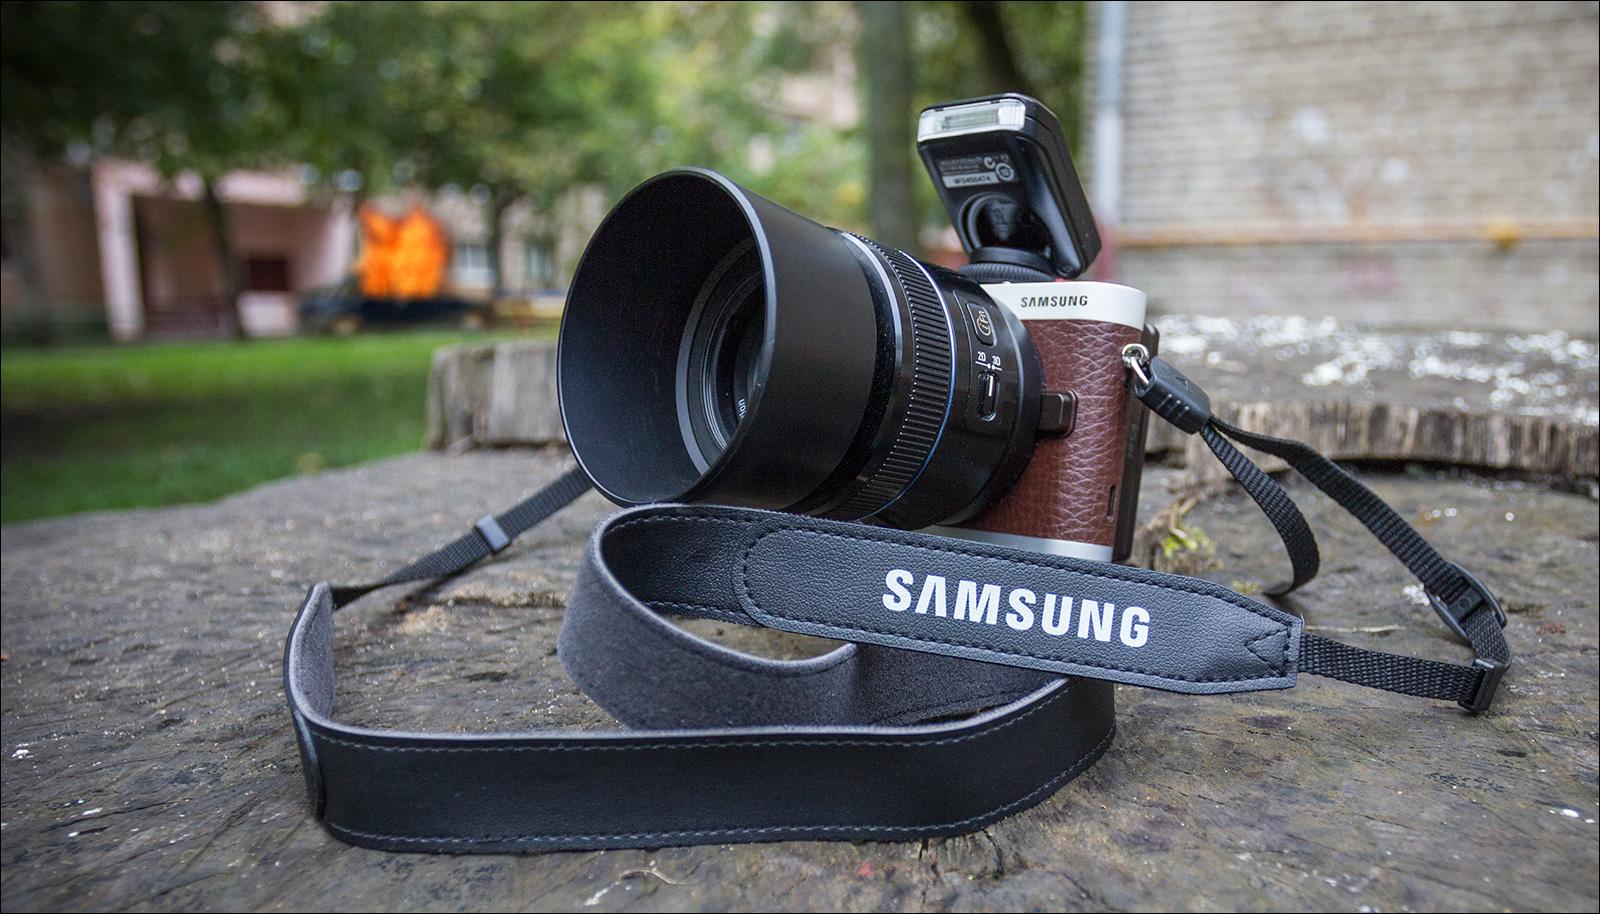 Samsung NX: превращение системной камеры в экосистемную. Часть 1